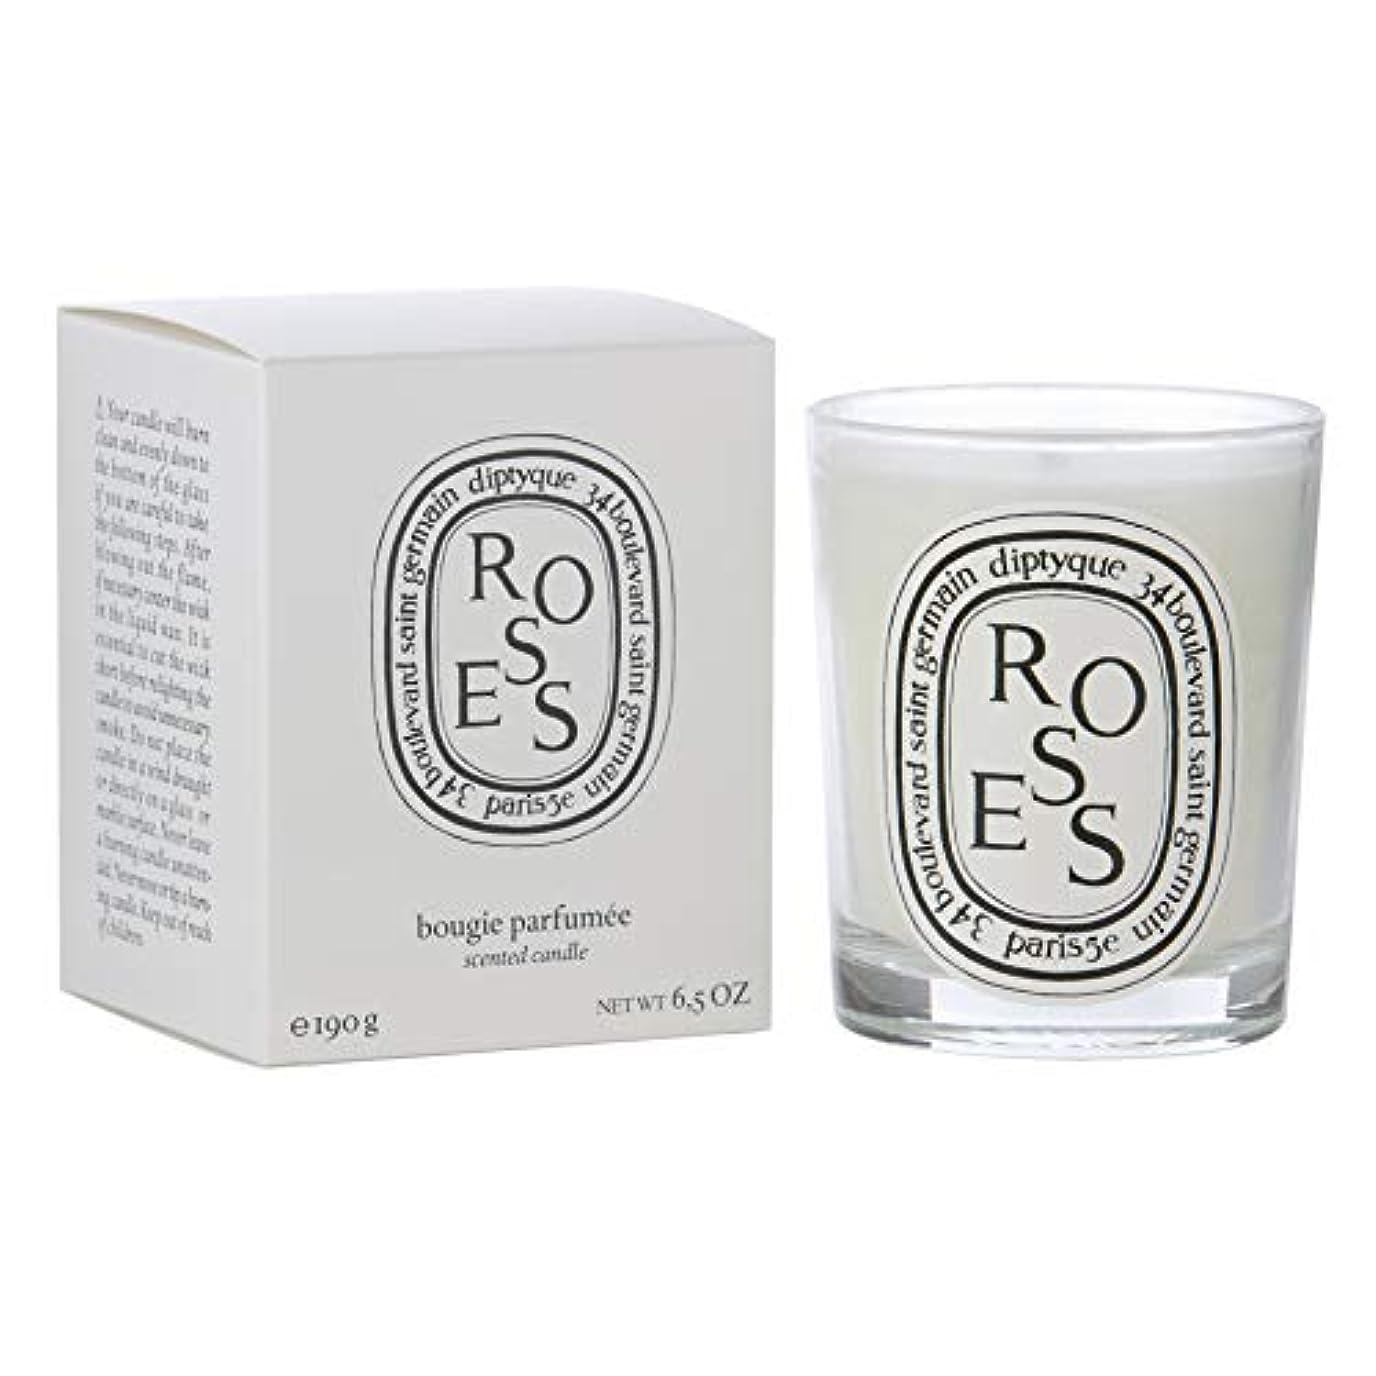 アクションガレージ戦う[Diptyque] Diptyqueバラの香りのキャンドル190グラム - Diptyque Roses Scented Candle 190g [並行輸入品]